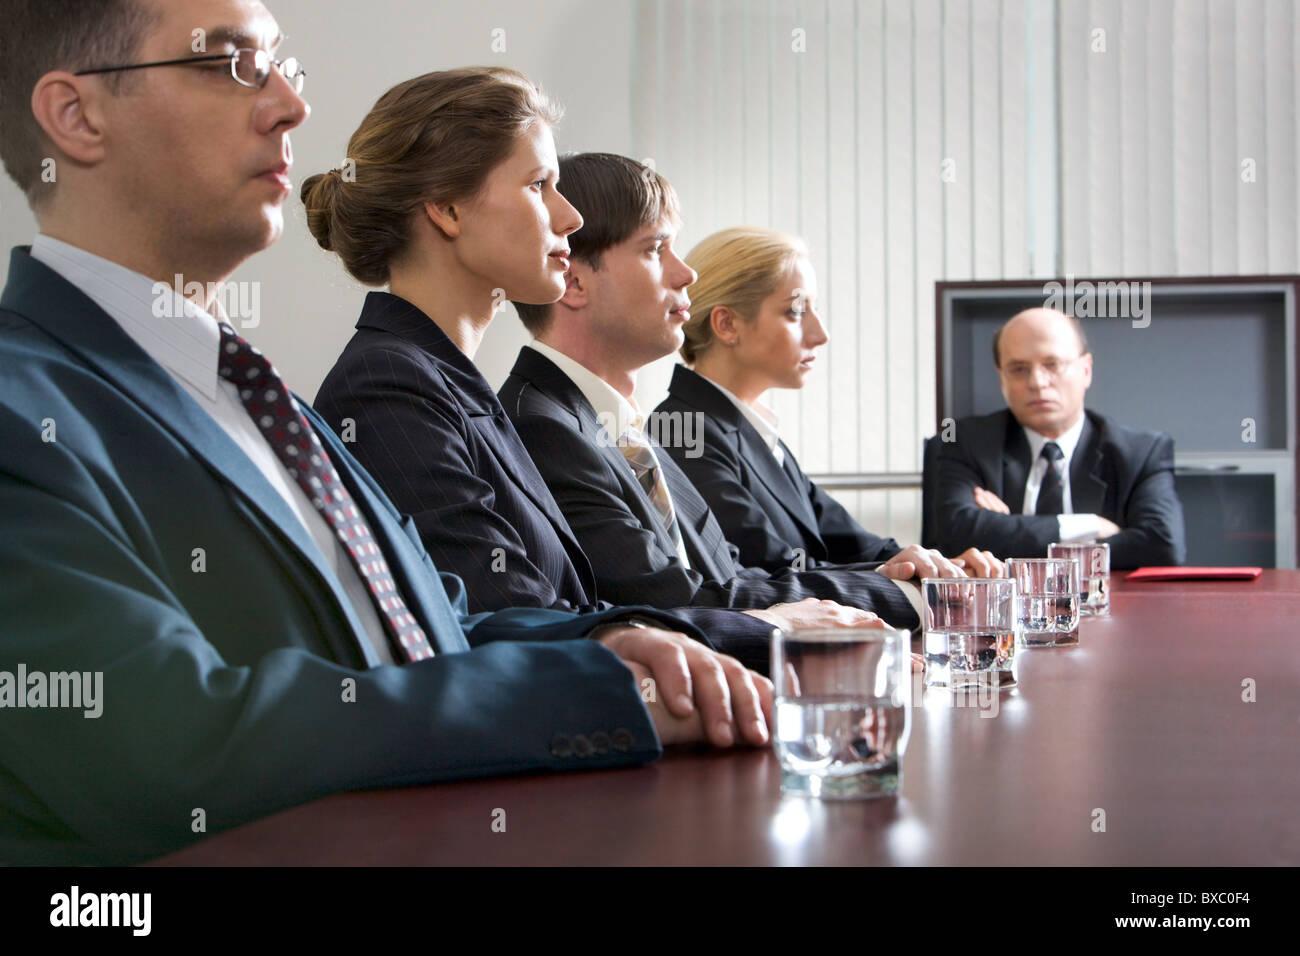 Tensa los jóvenes están sentados en la mesa en una línea y sus ofendidos boss Imagen De Stock